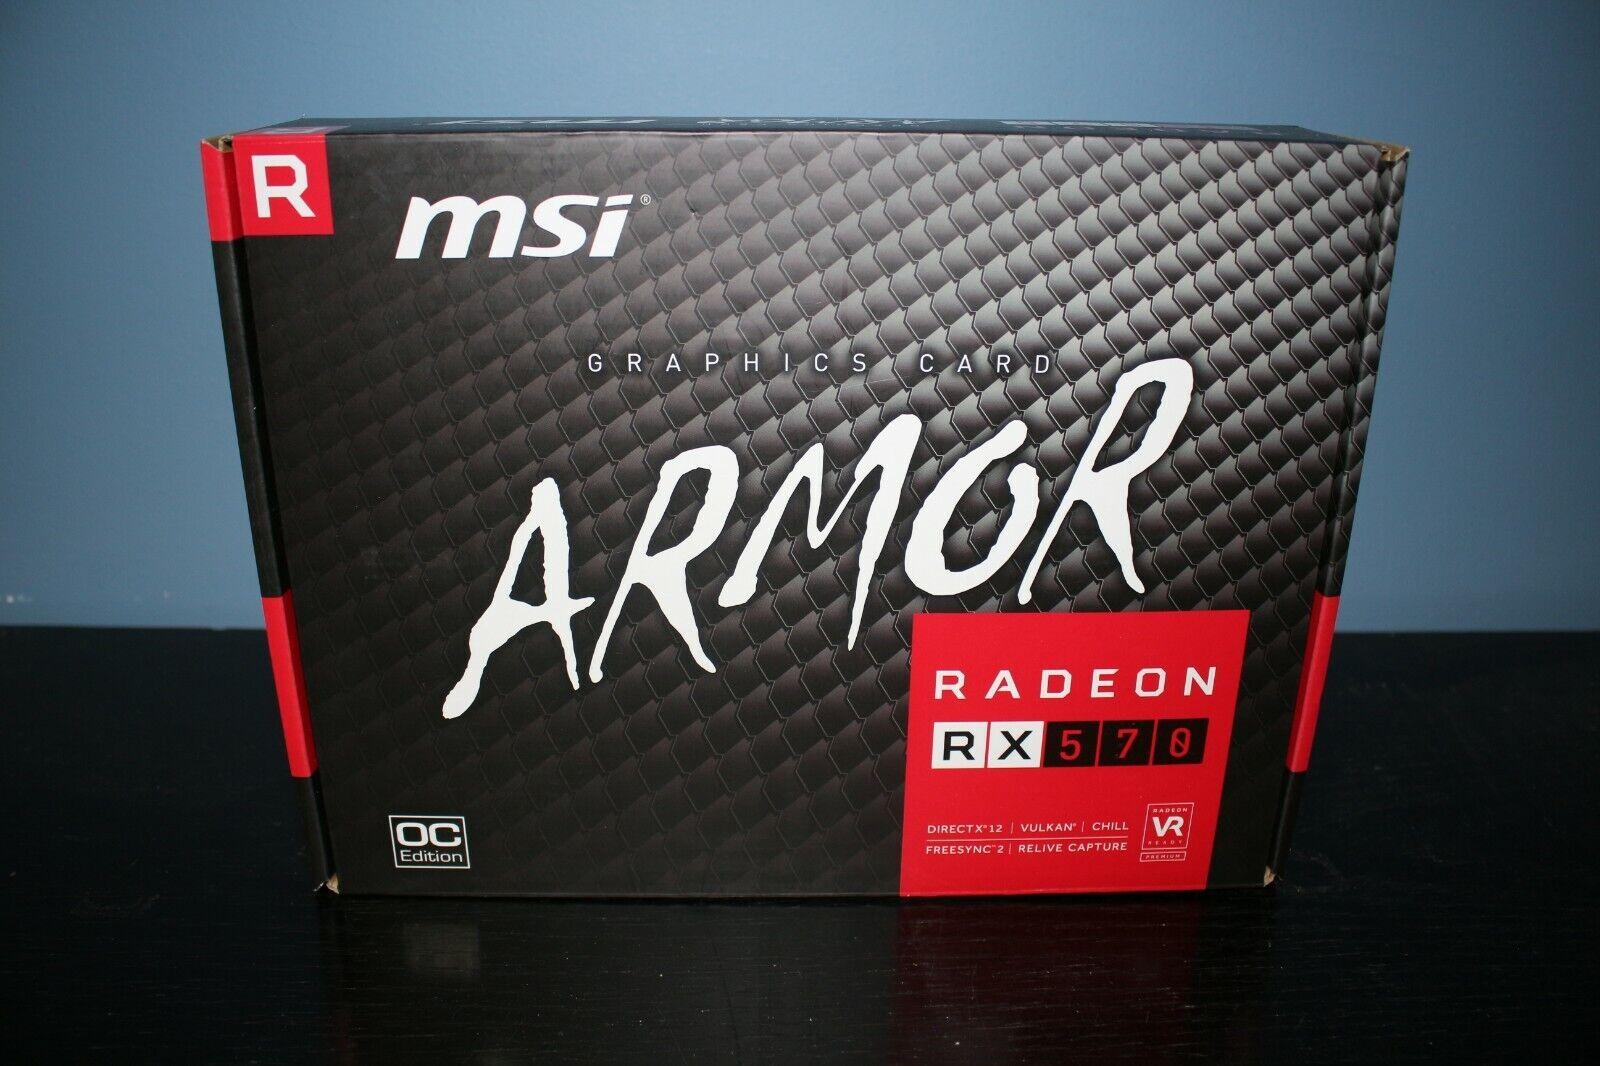 MSI AMD Radeon RX570 ARMOR 4GB GDDR5 OC Edition Graphics Card 2